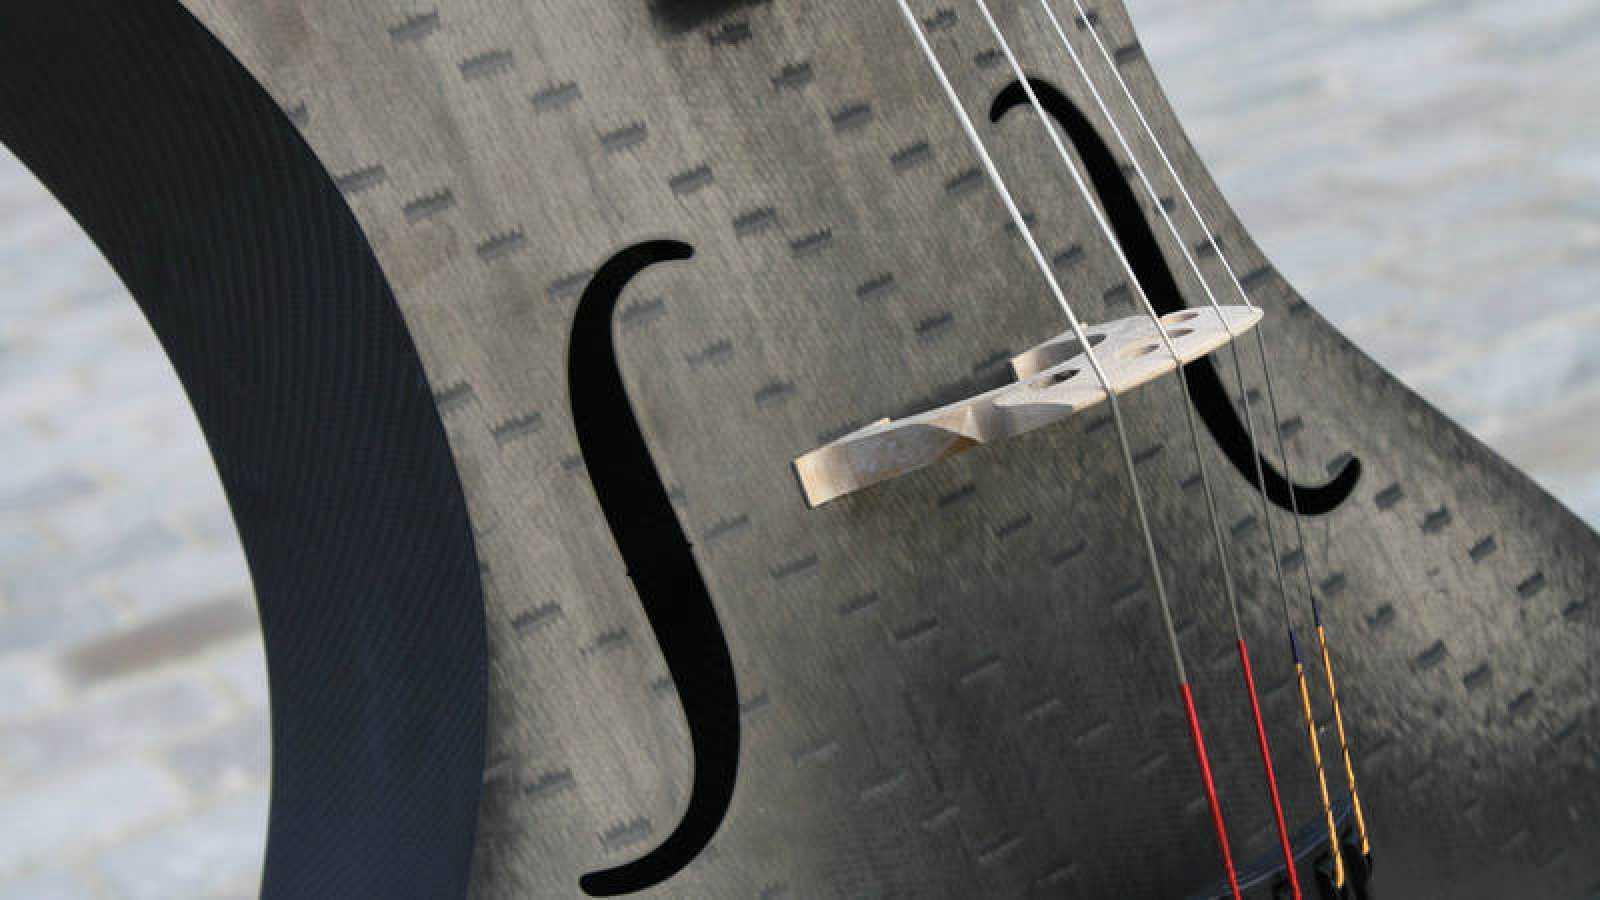 Violonchelo de fibra de carbón fabricado por Tim K. Duerinck